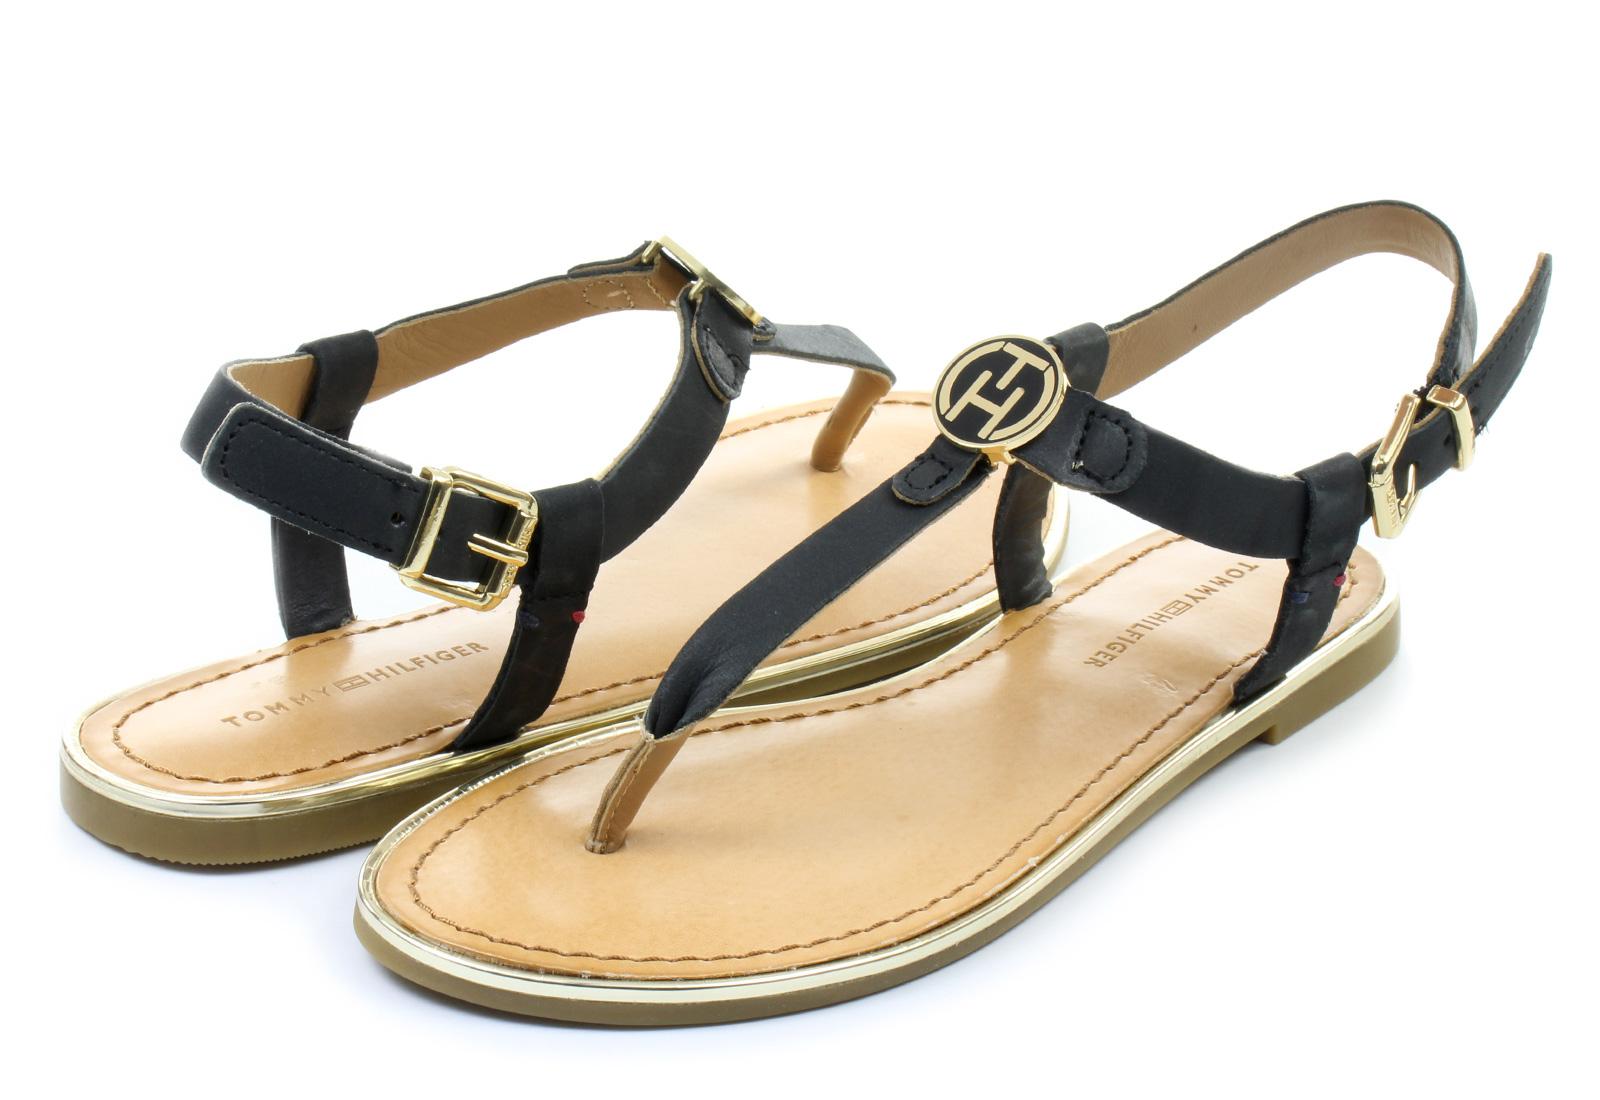 tommy hilfiger sandals julia 26a 15s 8685 990 online. Black Bedroom Furniture Sets. Home Design Ideas